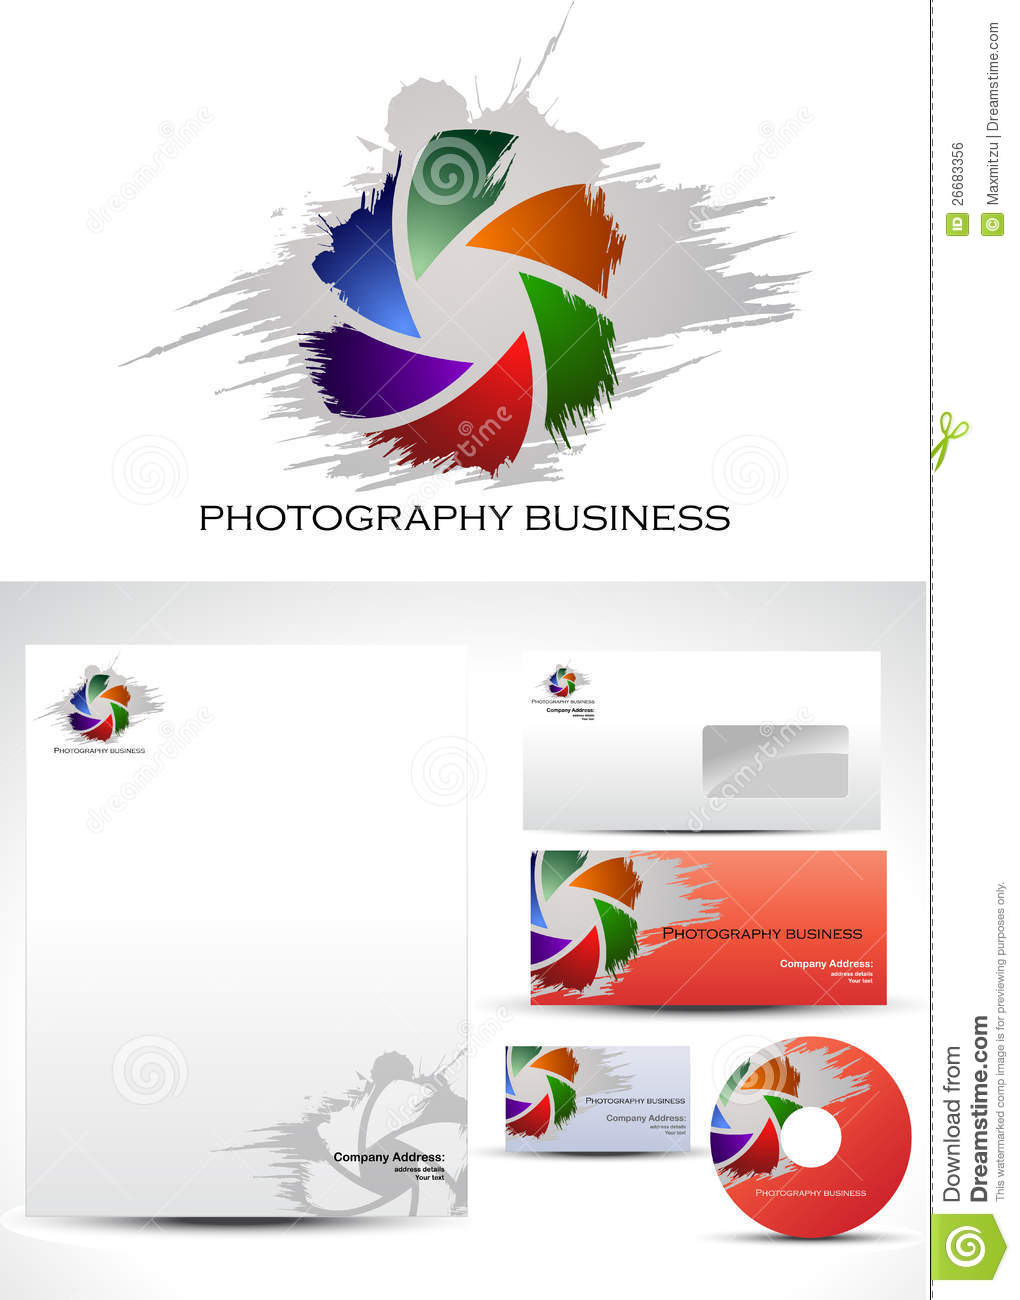 Photography logo design templates militaryalicious photography logo design templates wajeb Images